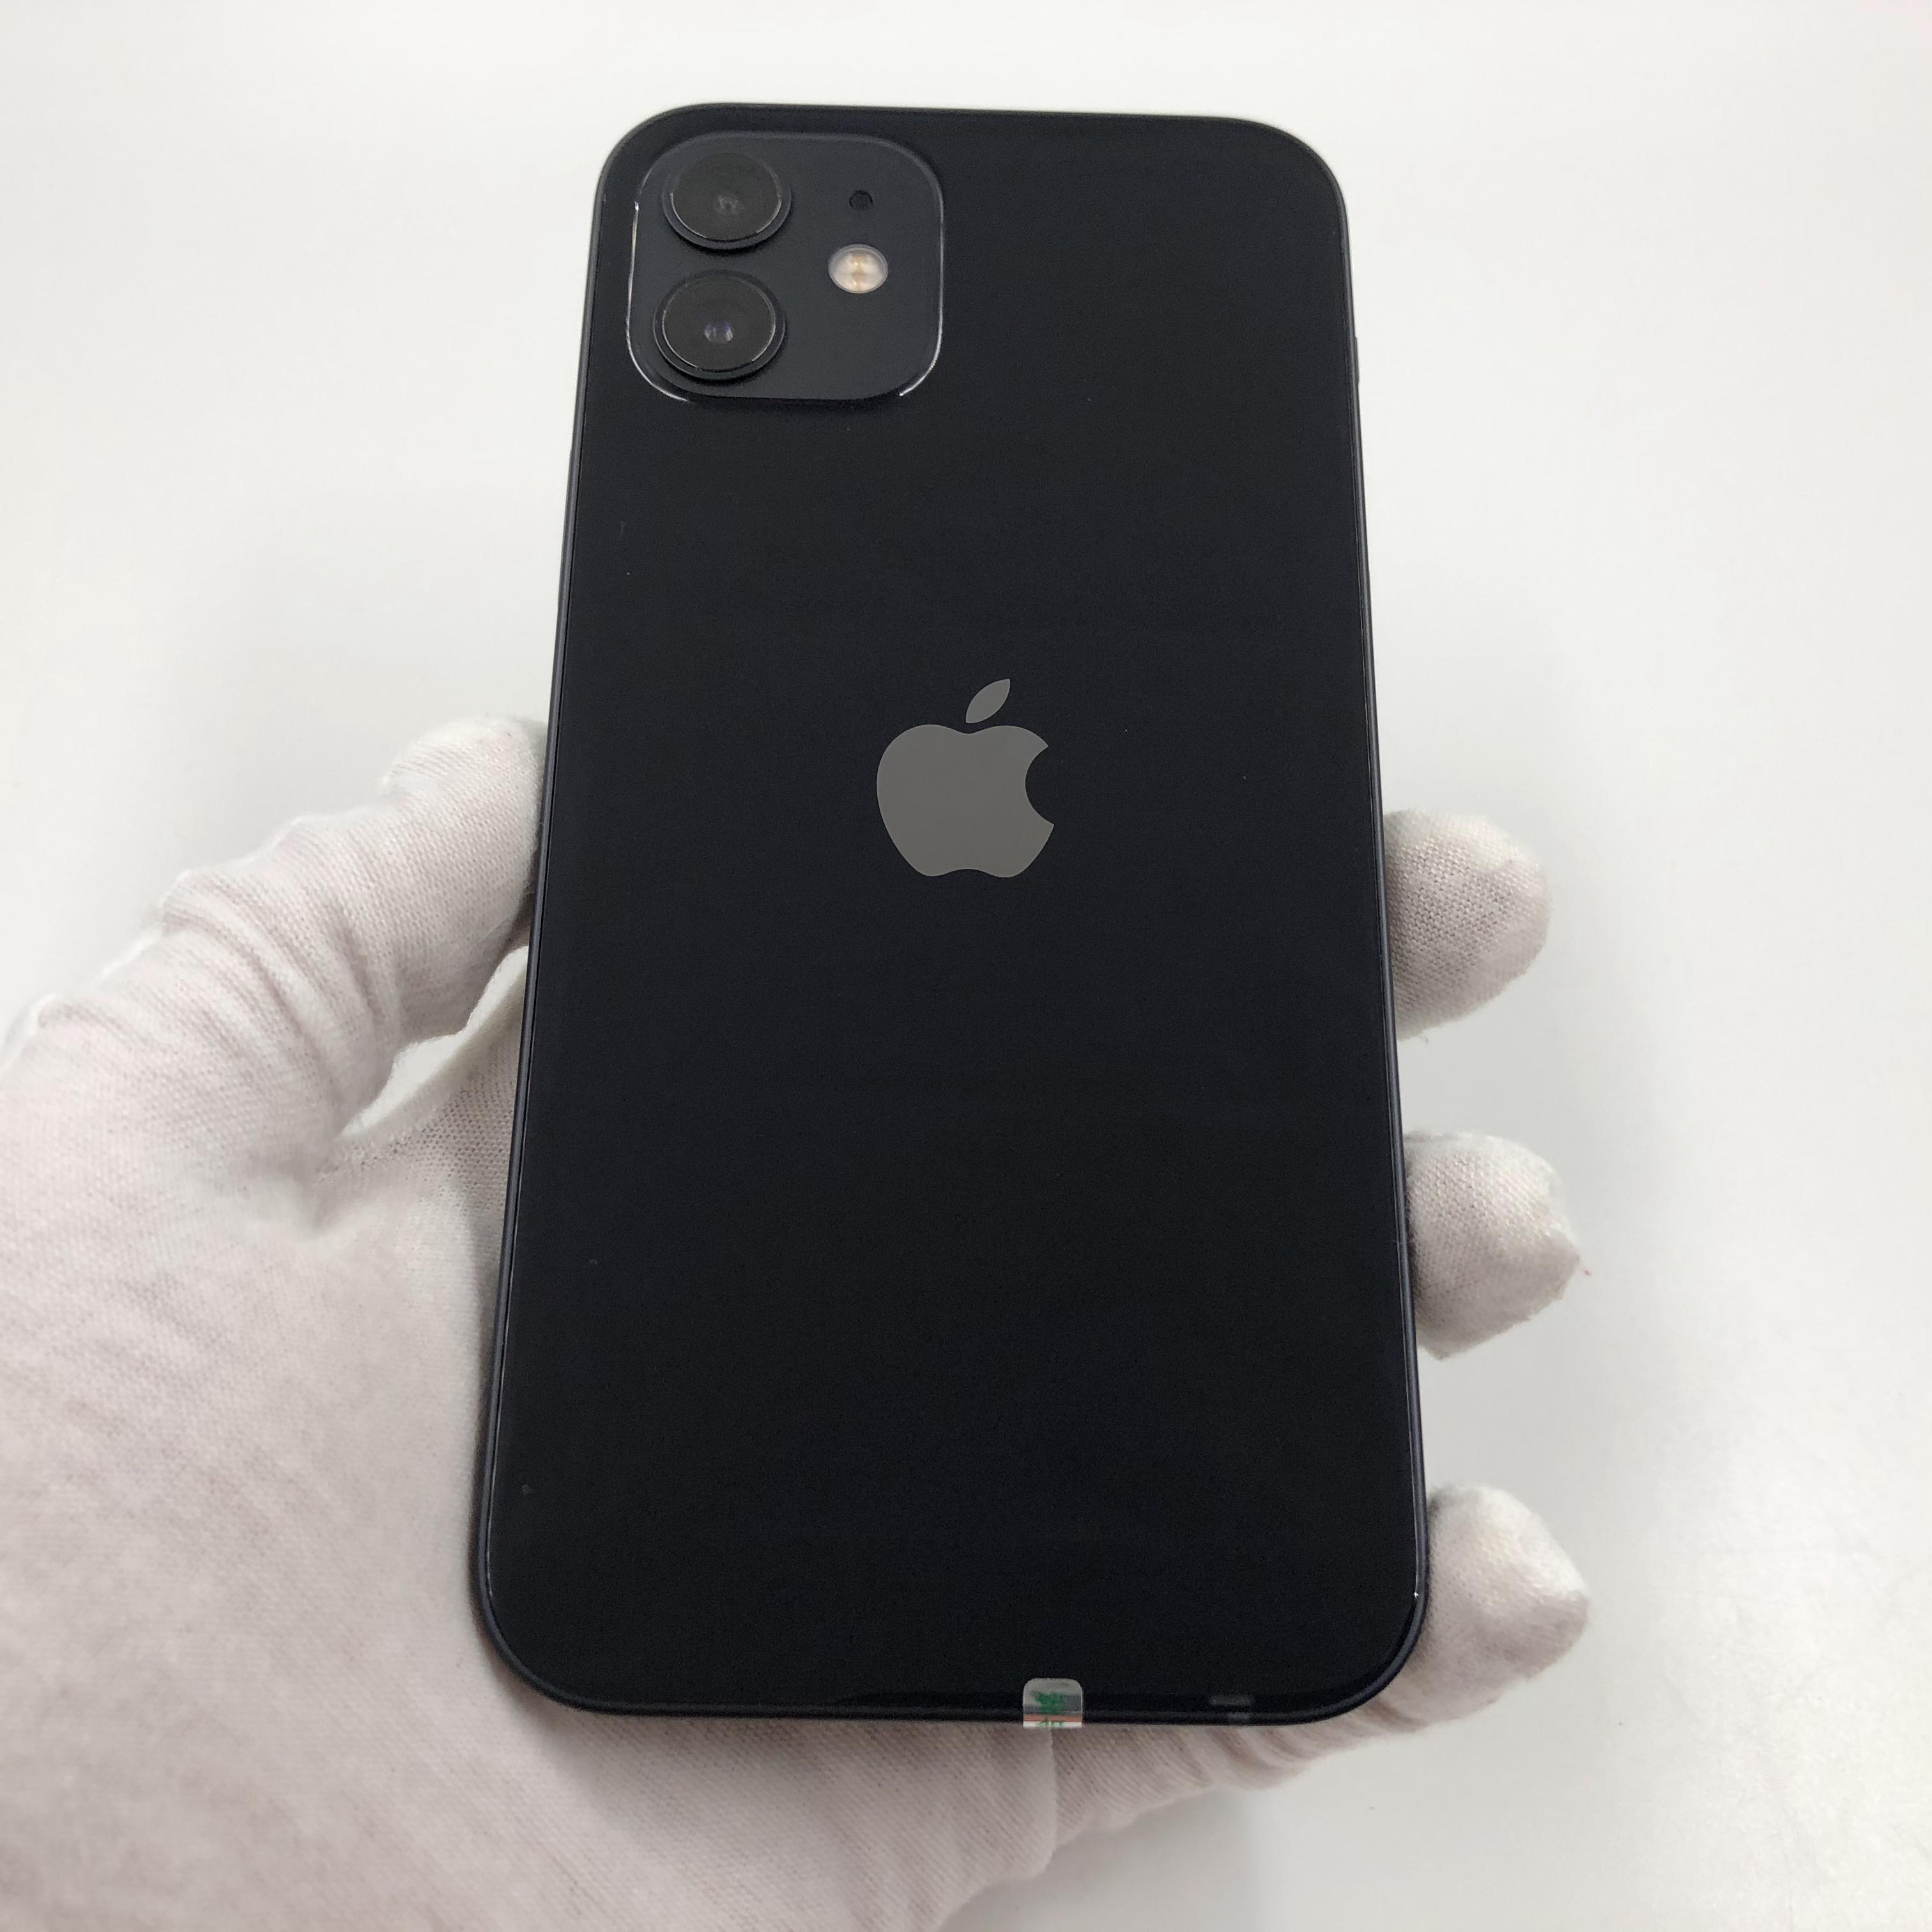 苹果【iPhone 12】5G全网通 黑色 64G 国行 95新 真机实拍官保2022-06-09